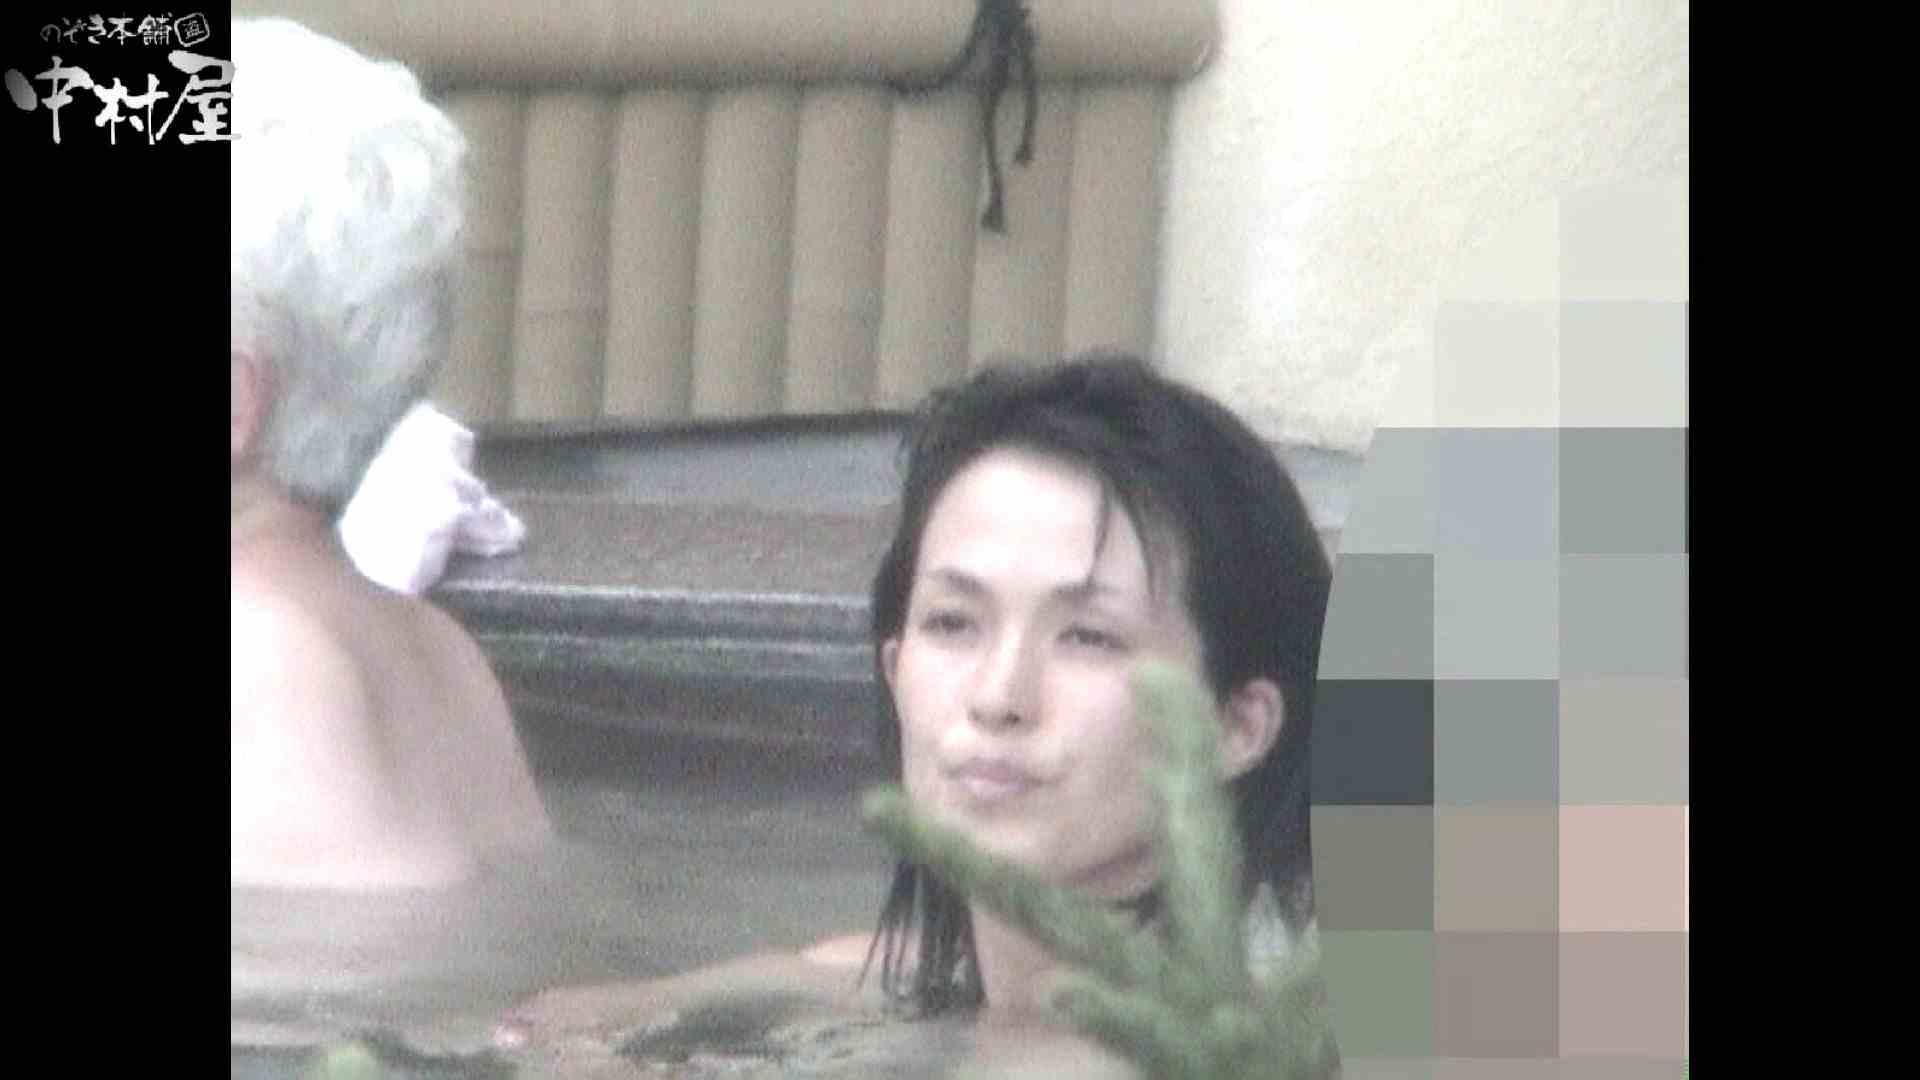 Aquaな露天風呂Vol.933 OLエロ画像   露天  78PICs 70